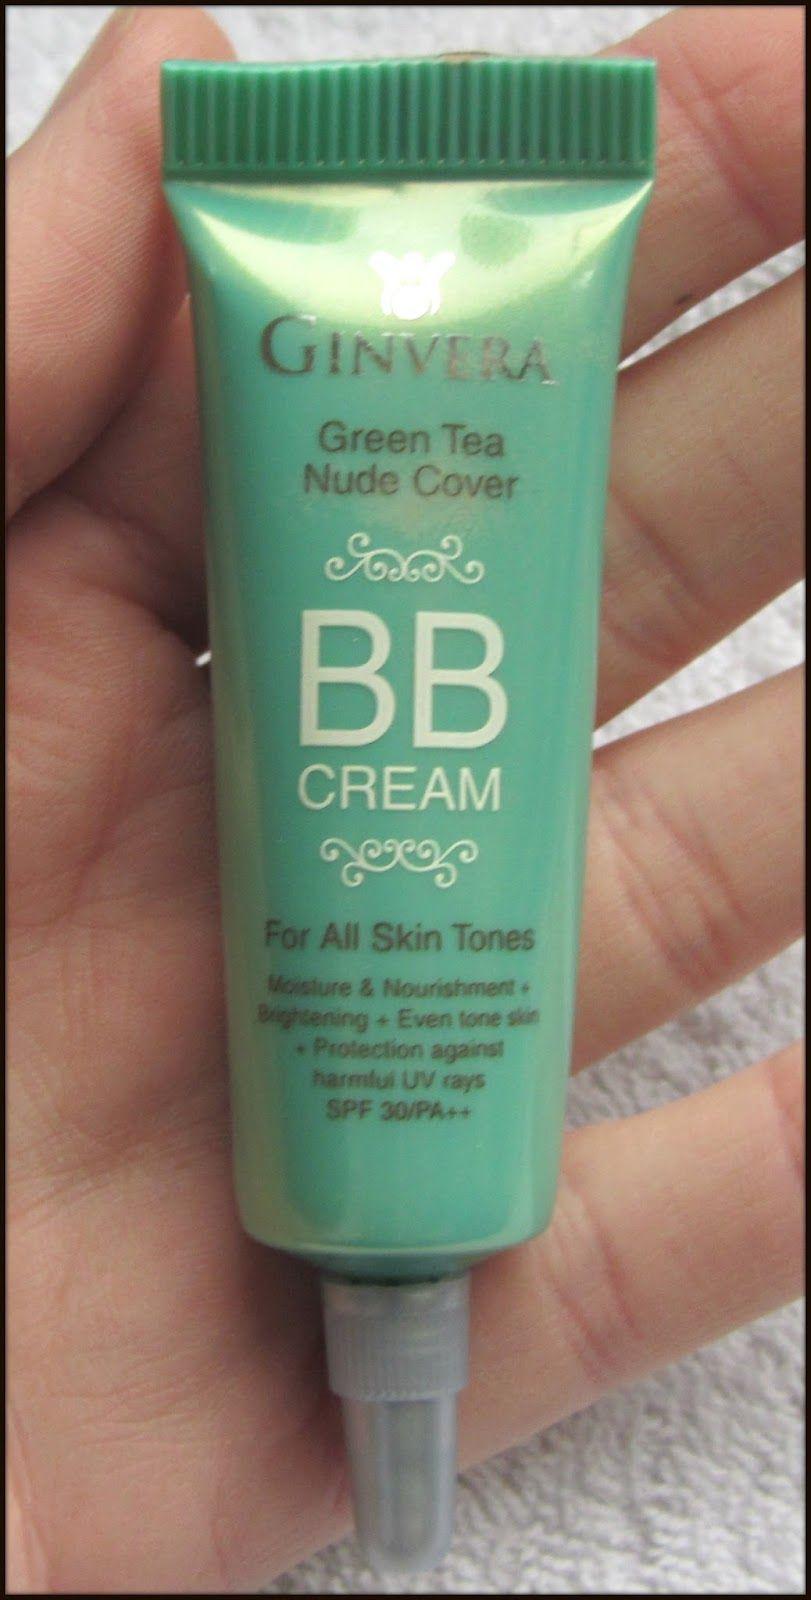 Ginvera Green Tea Nude Cover BB Cream SPF30 | StressNoMore